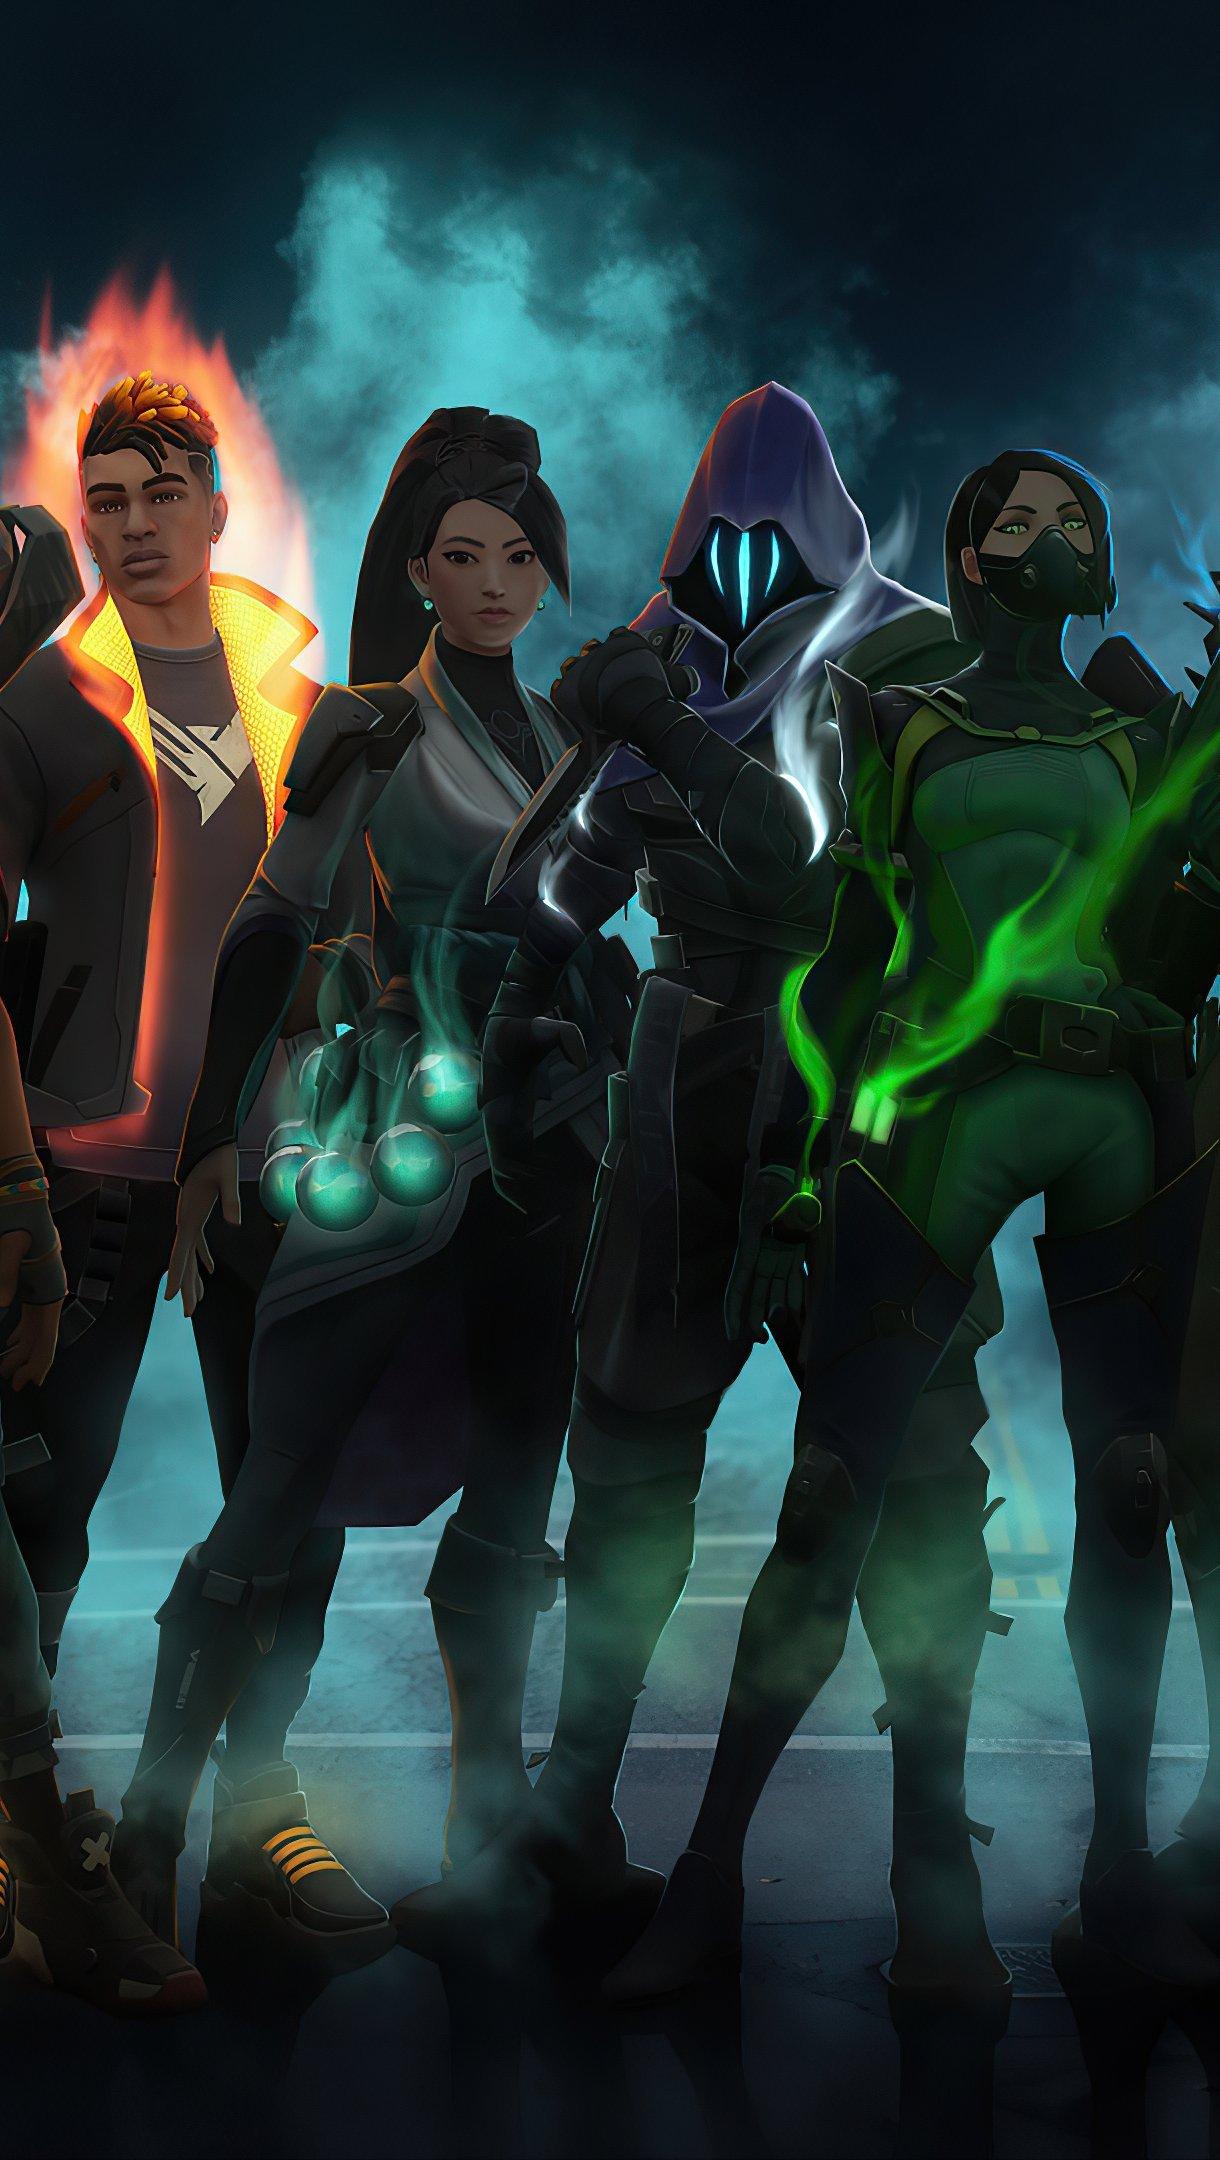 Fondos de pantalla Todos los personajes de Valorant Vertical